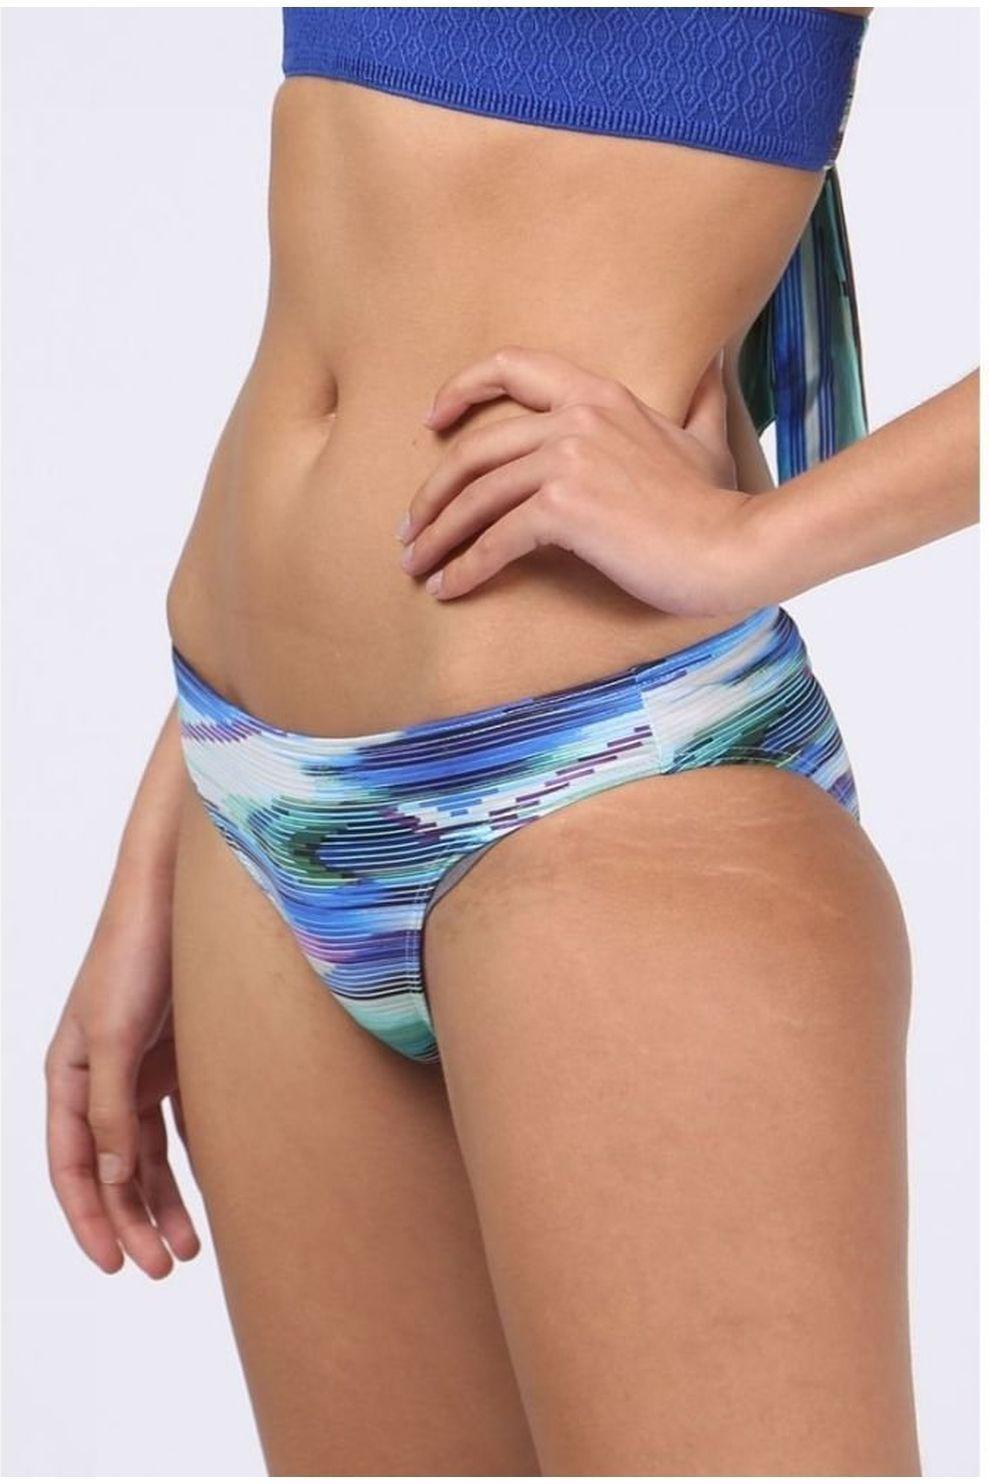 Kiwi Slip Inca Normale voor dames - Blauw/ Gemengd - Maten: 36, 38, 40, 42